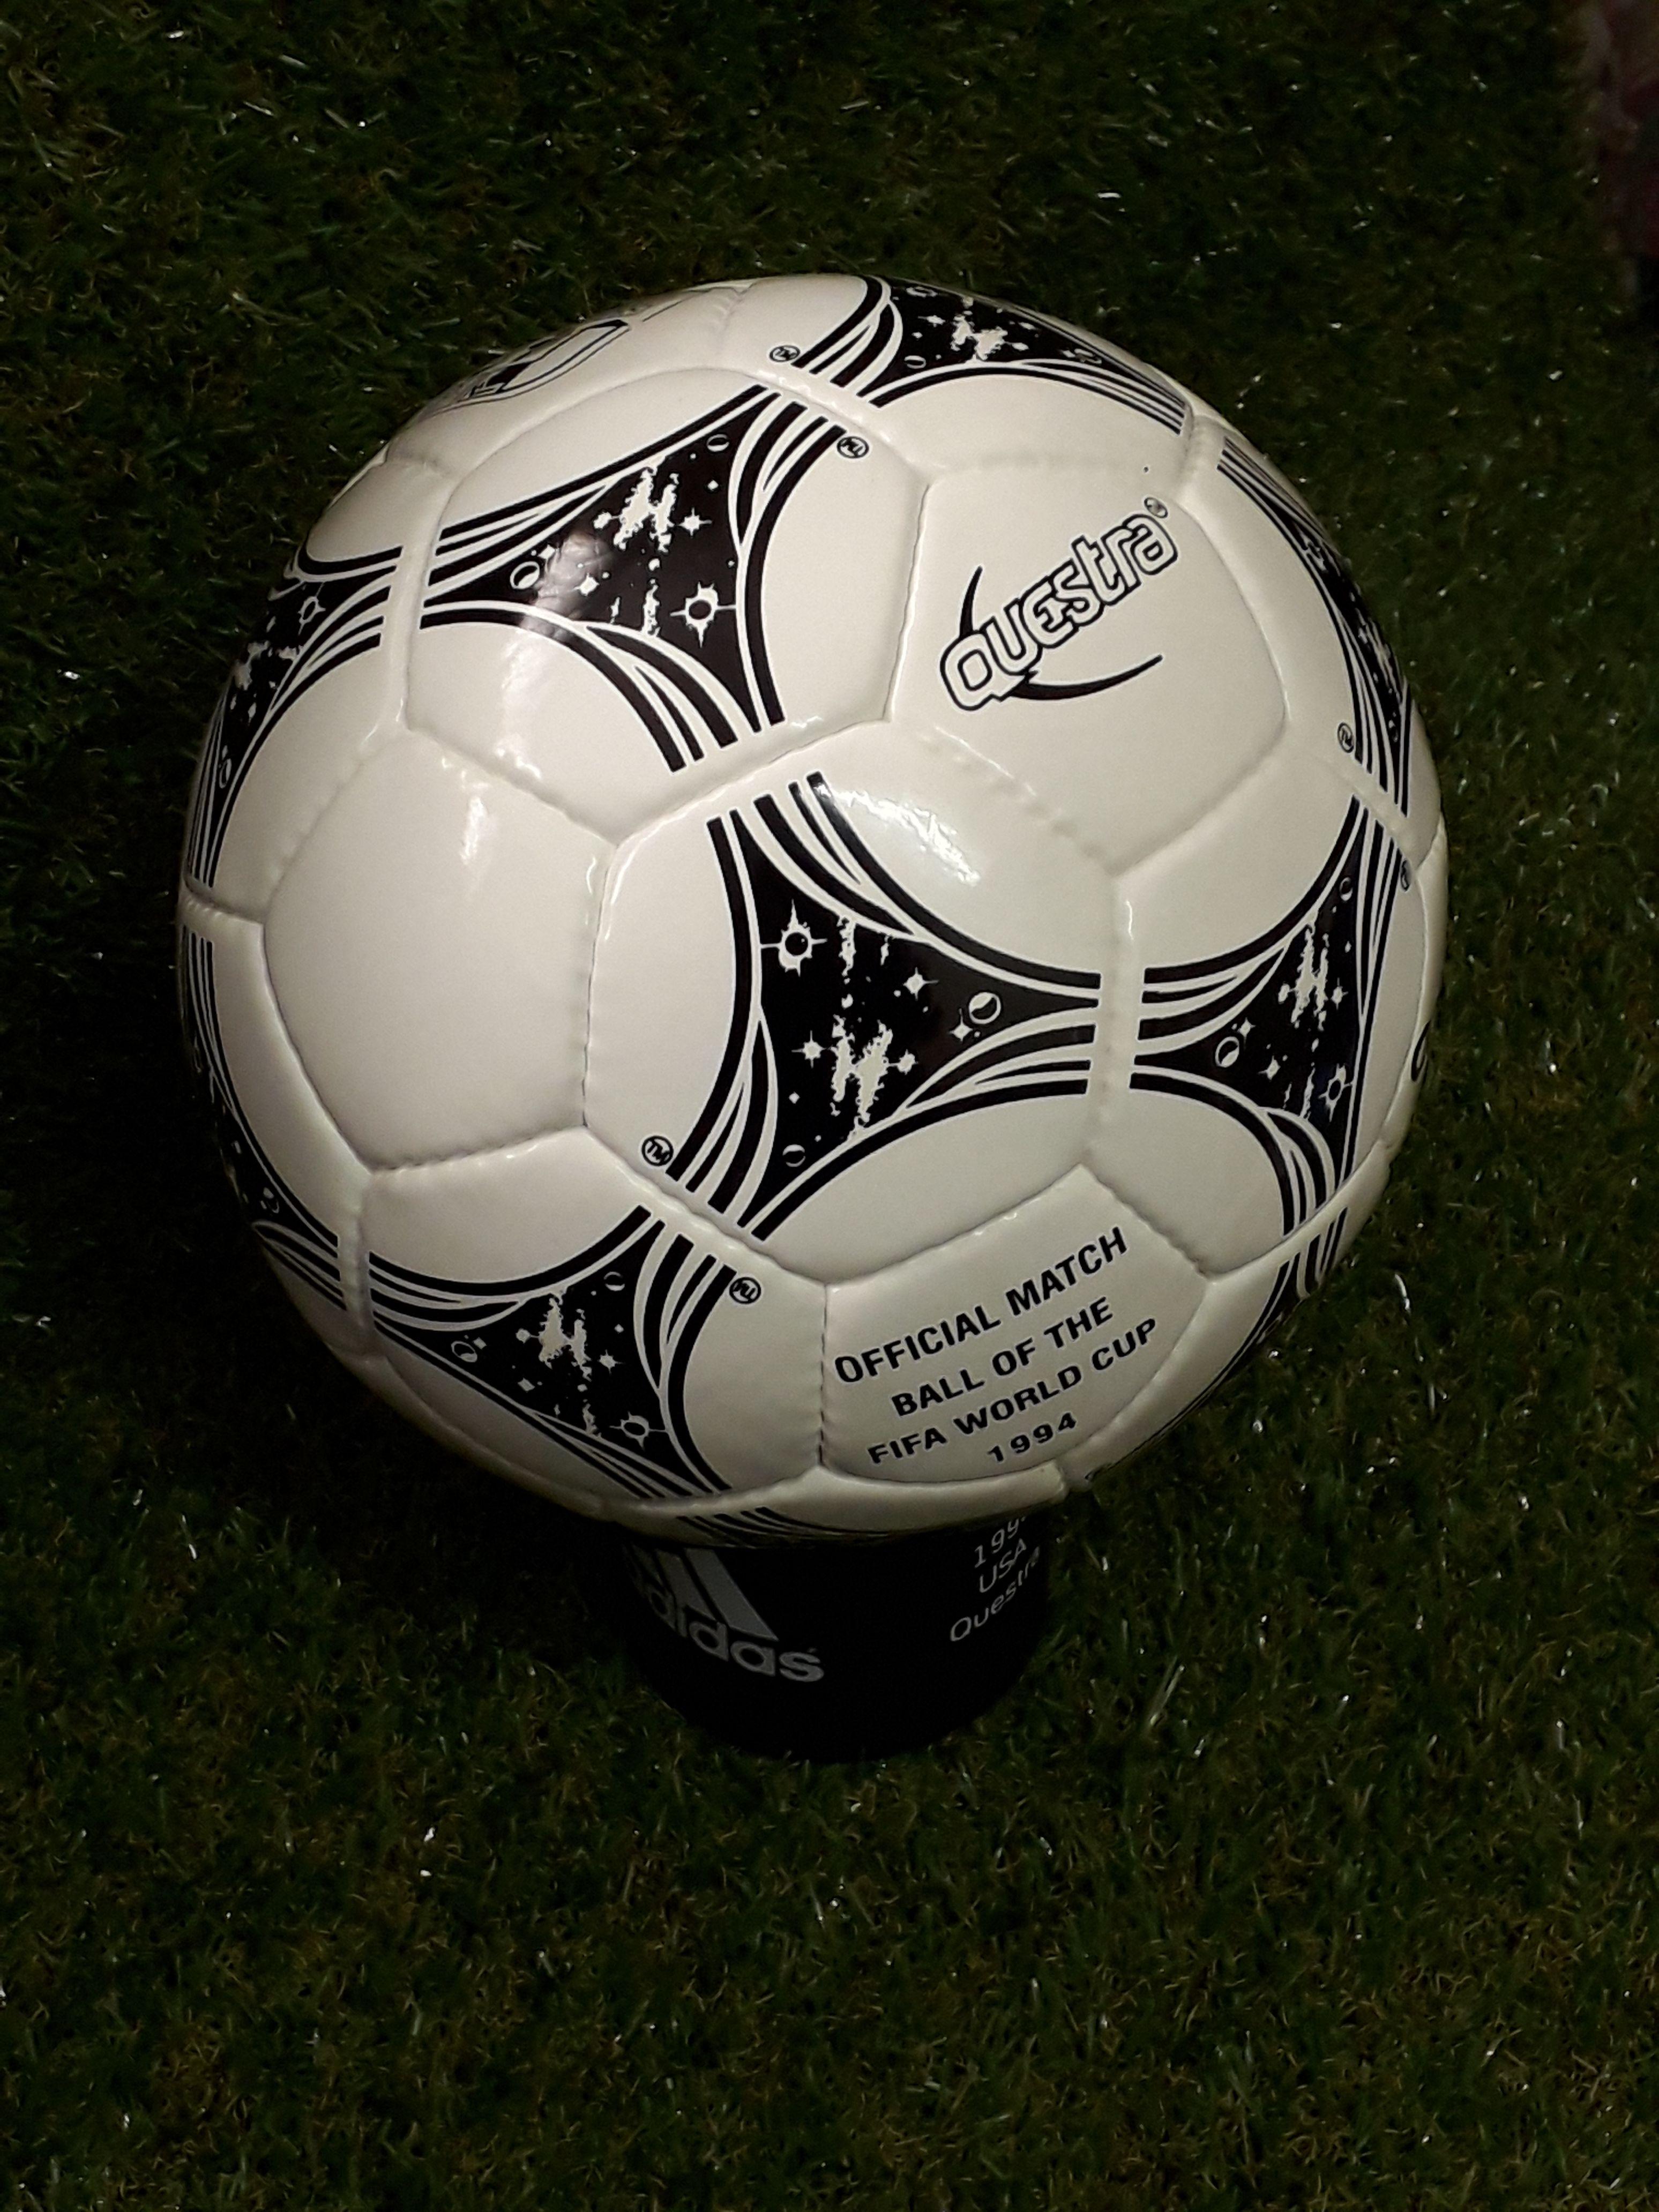 corazón perdido formar bolso  Adidas Questra 1994 | Soccer ball, World cup, Soccer